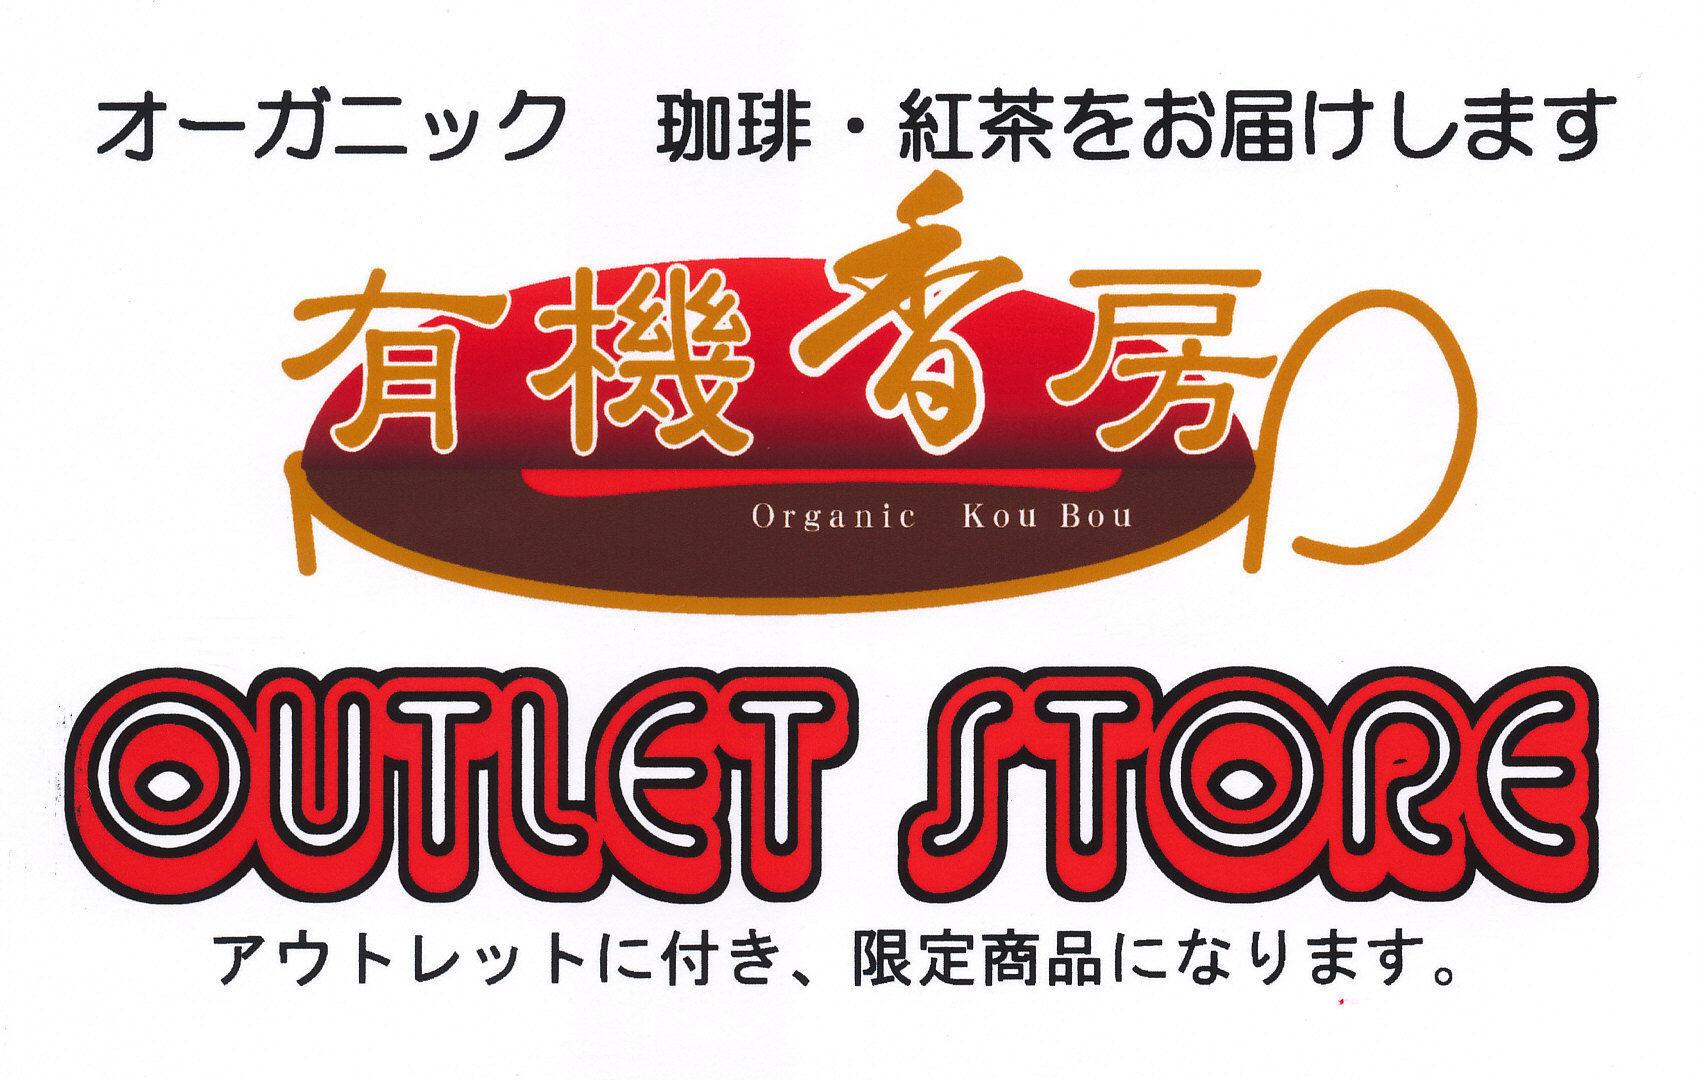 オーガニック珈琲・紅茶の専門店 有機香房 OUTLET STORE